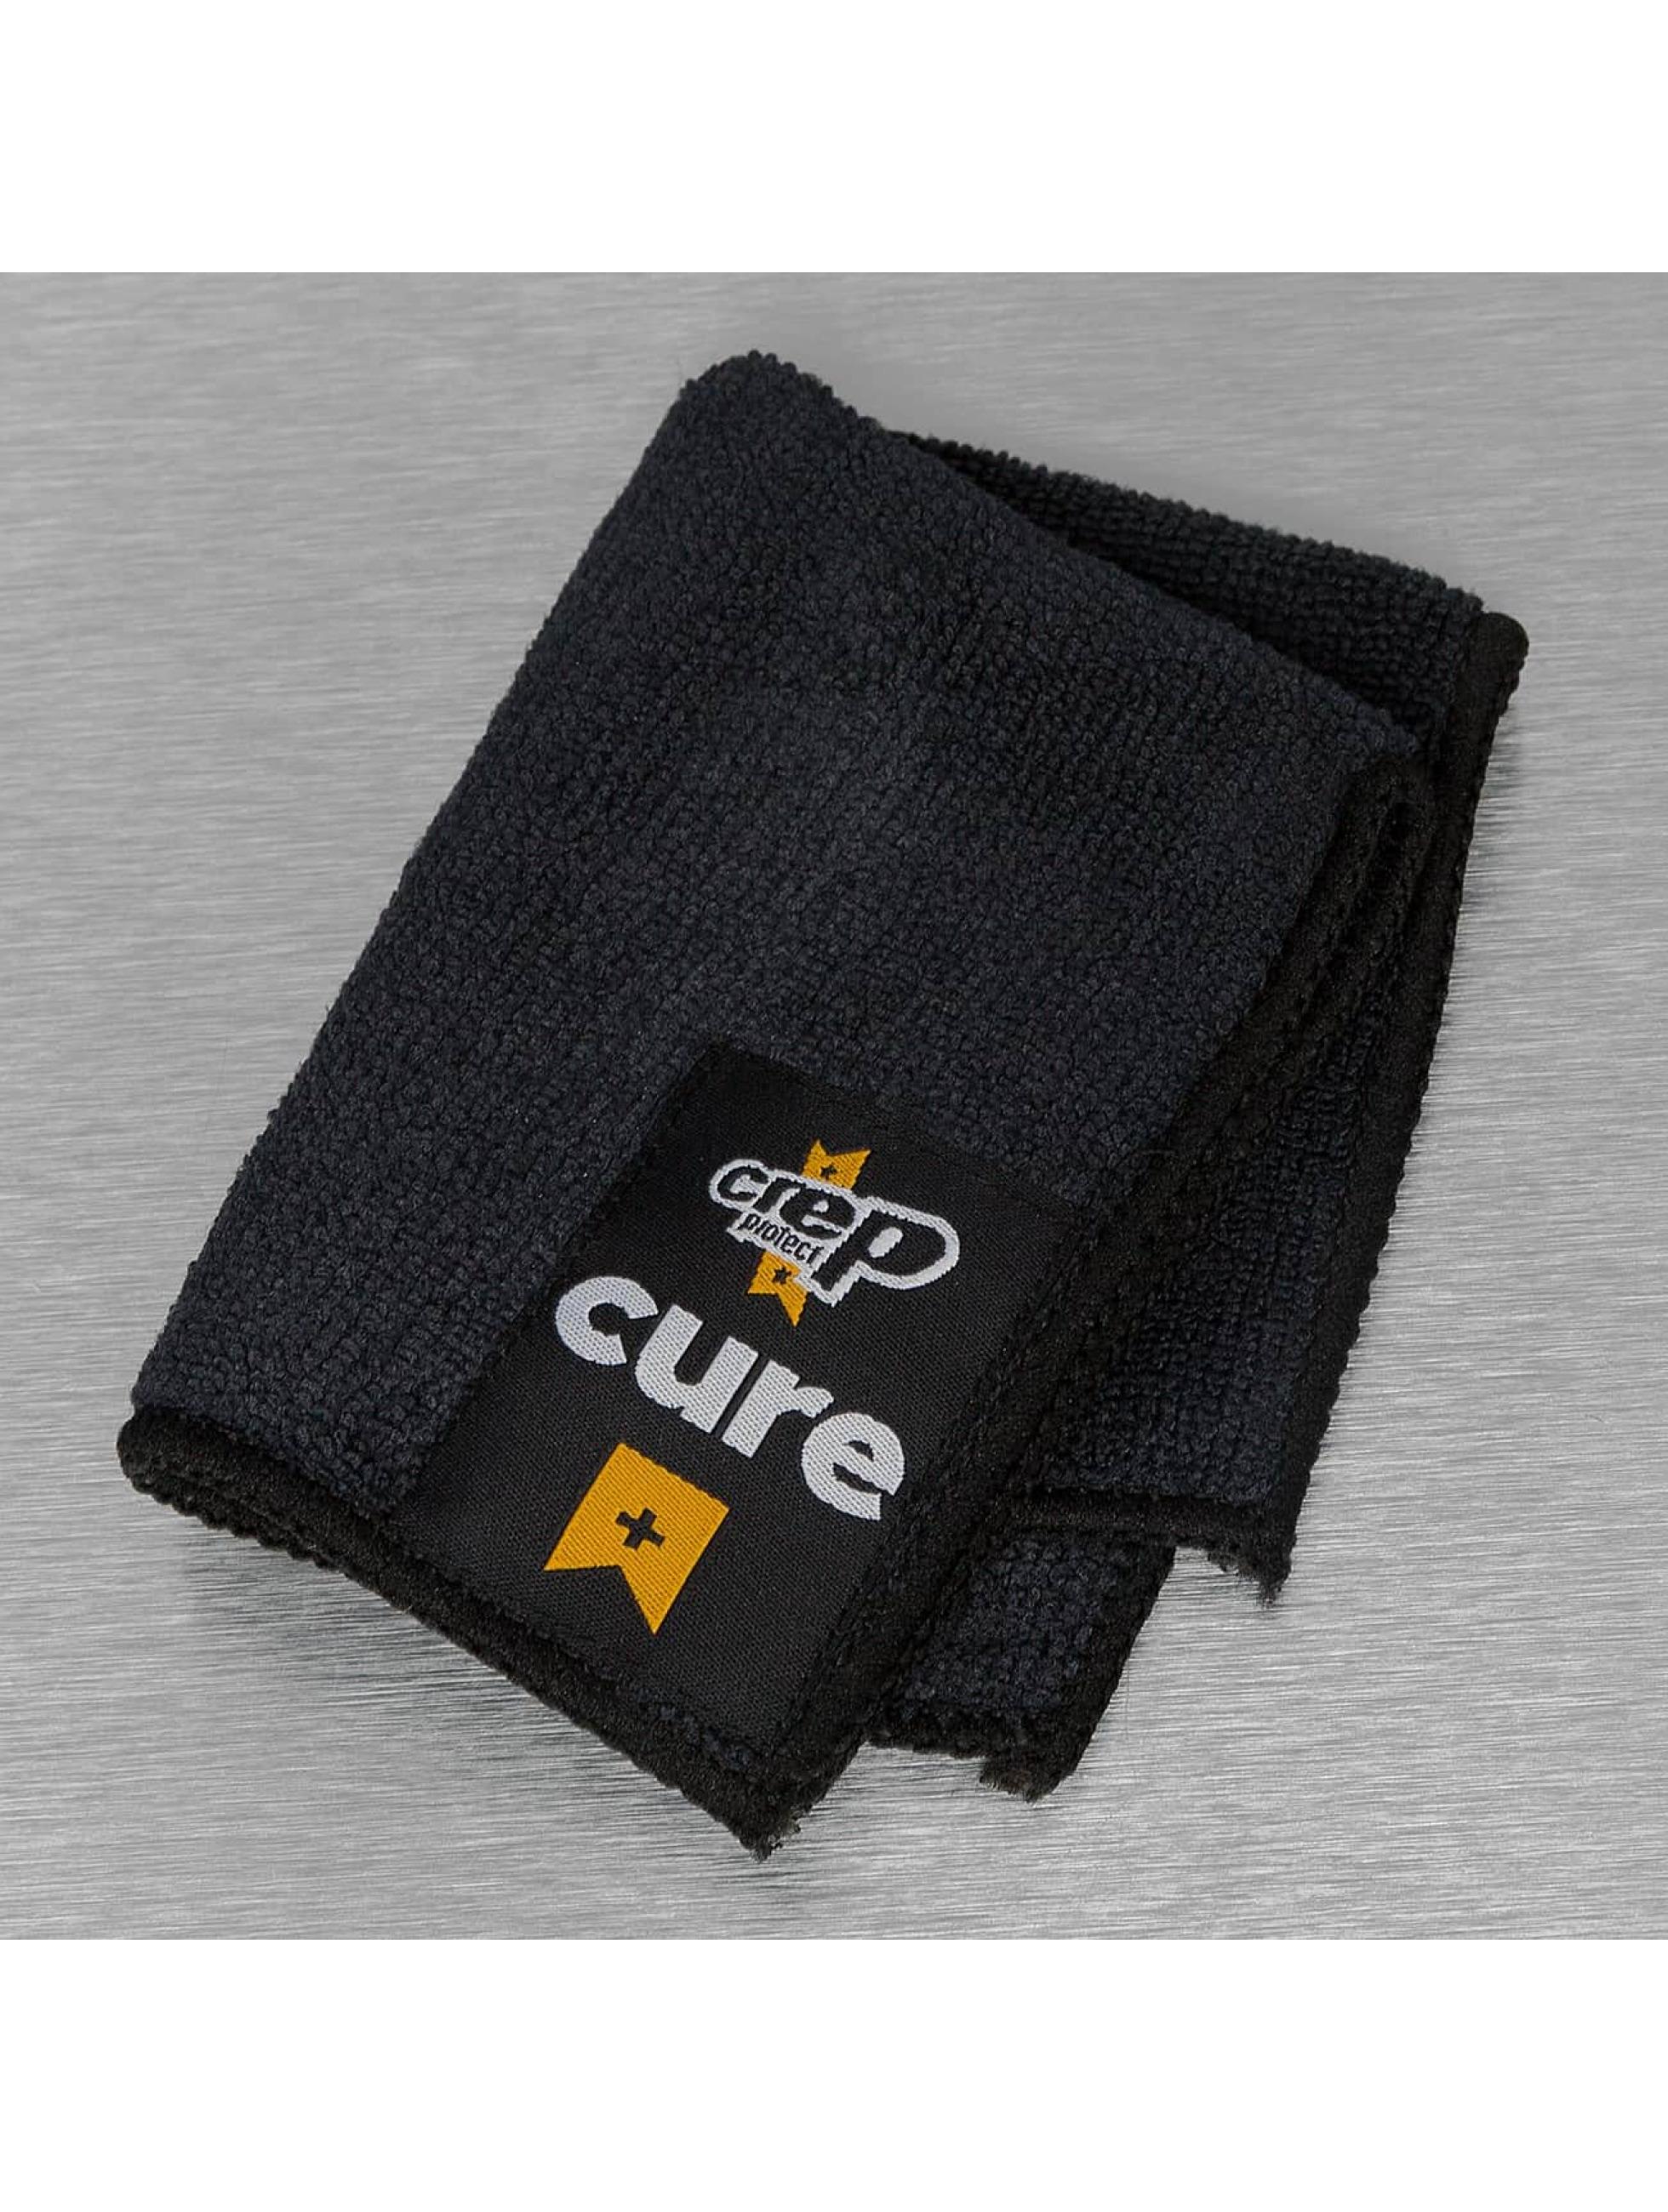 Crep Protect Прочее Crep Cure черный